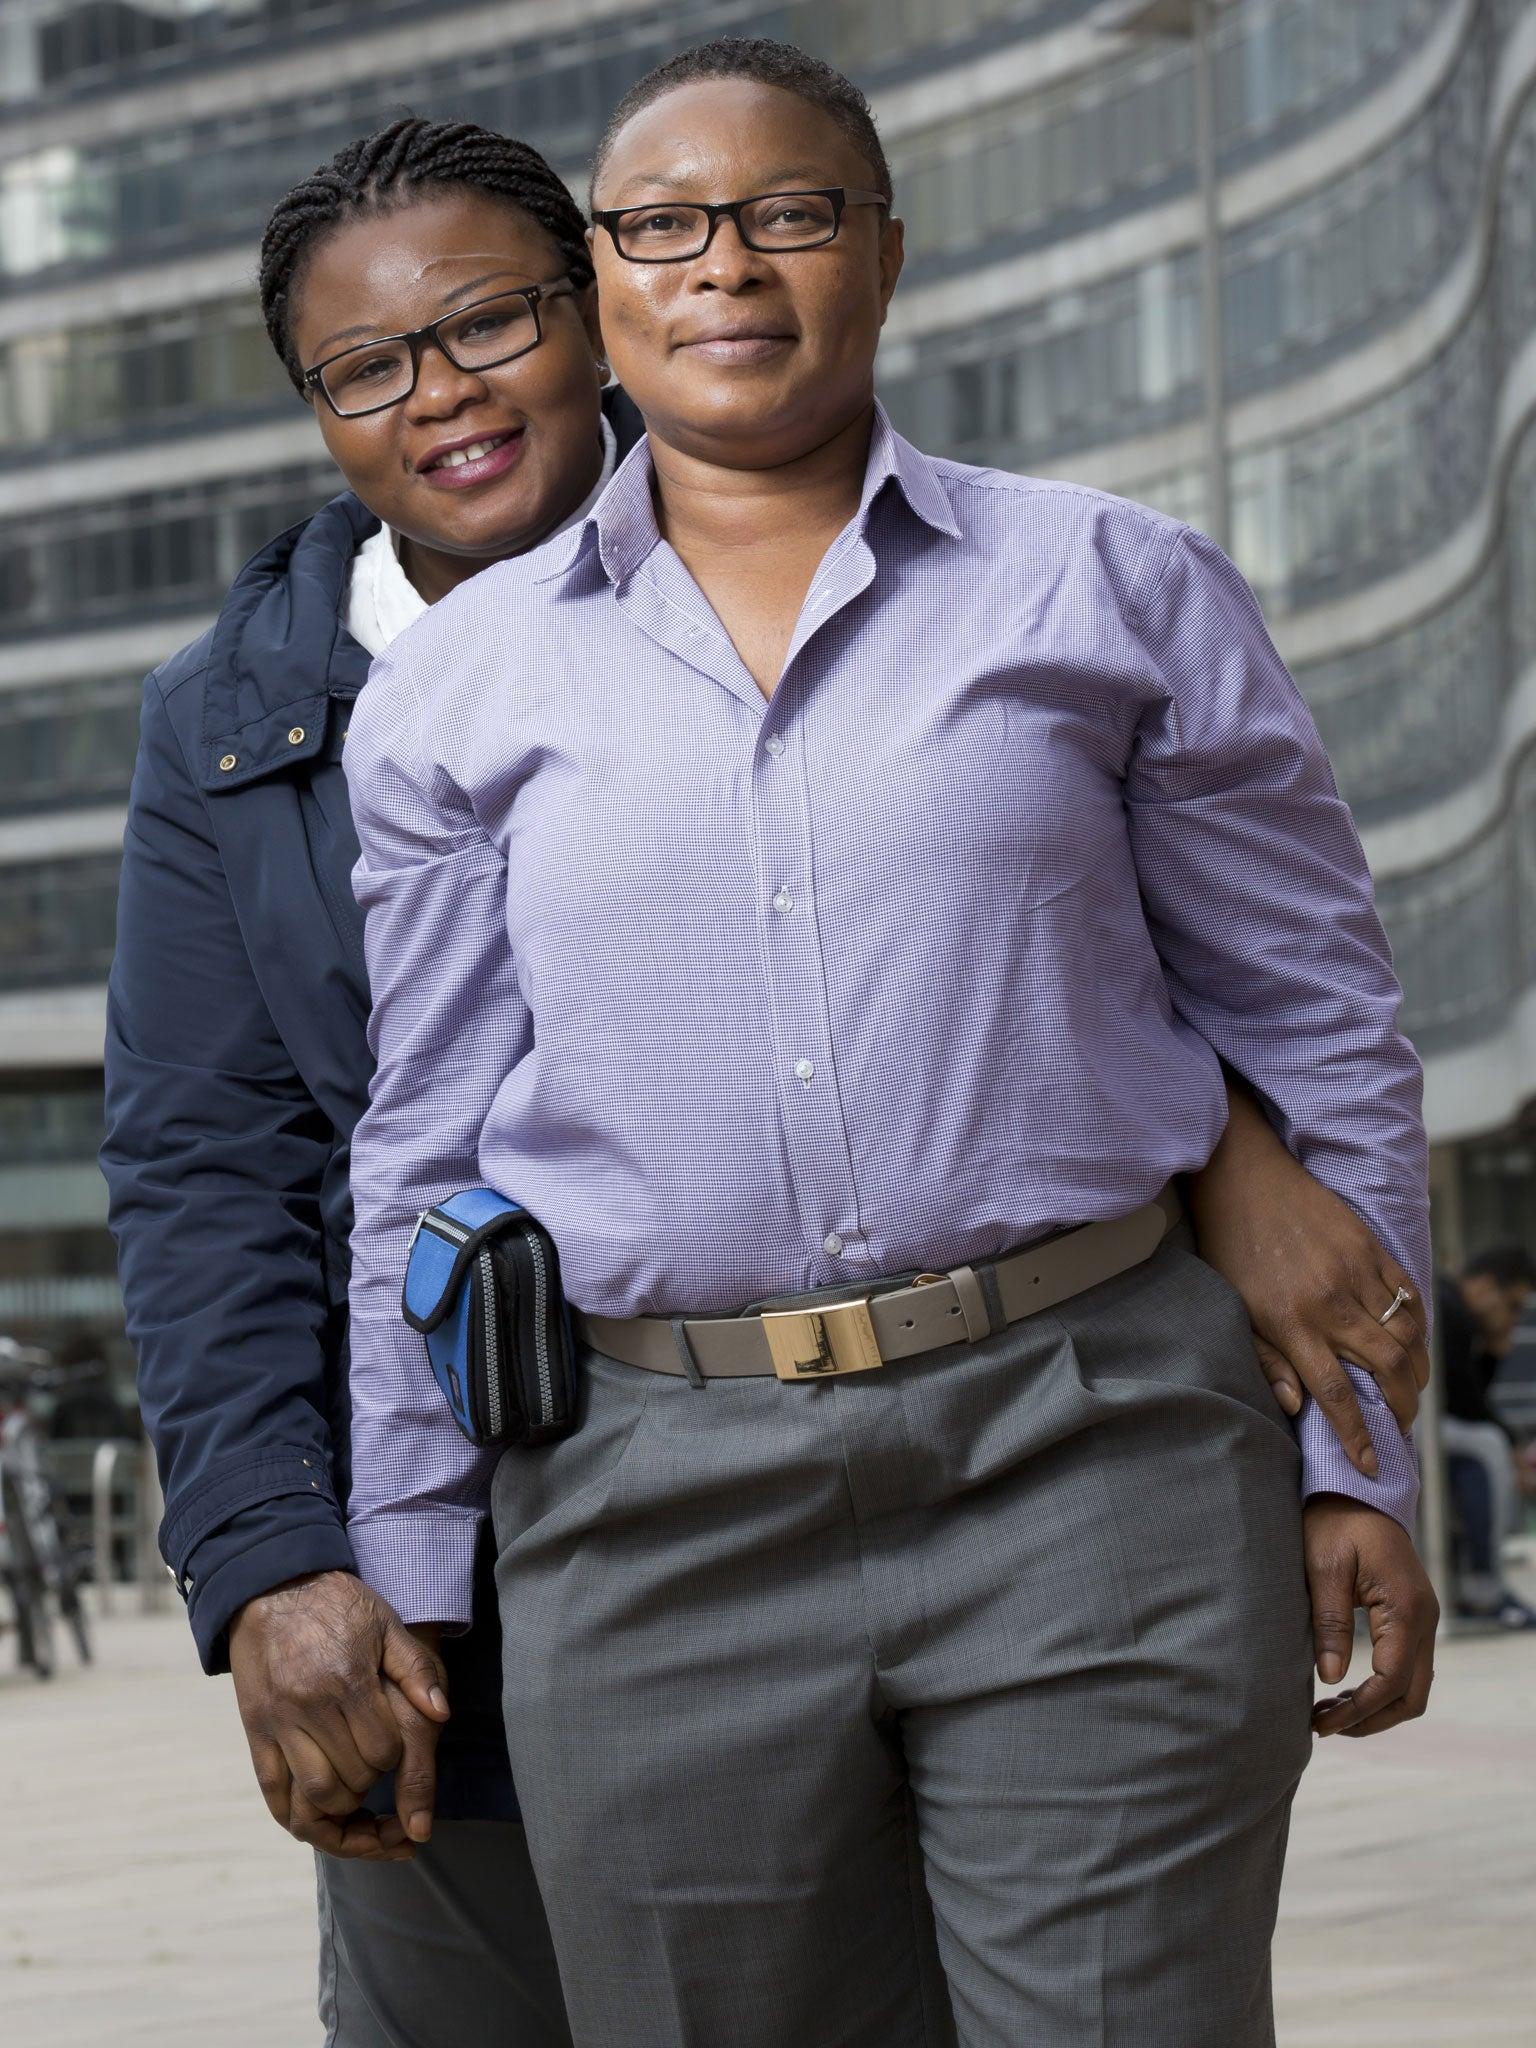 Gay in nigeria